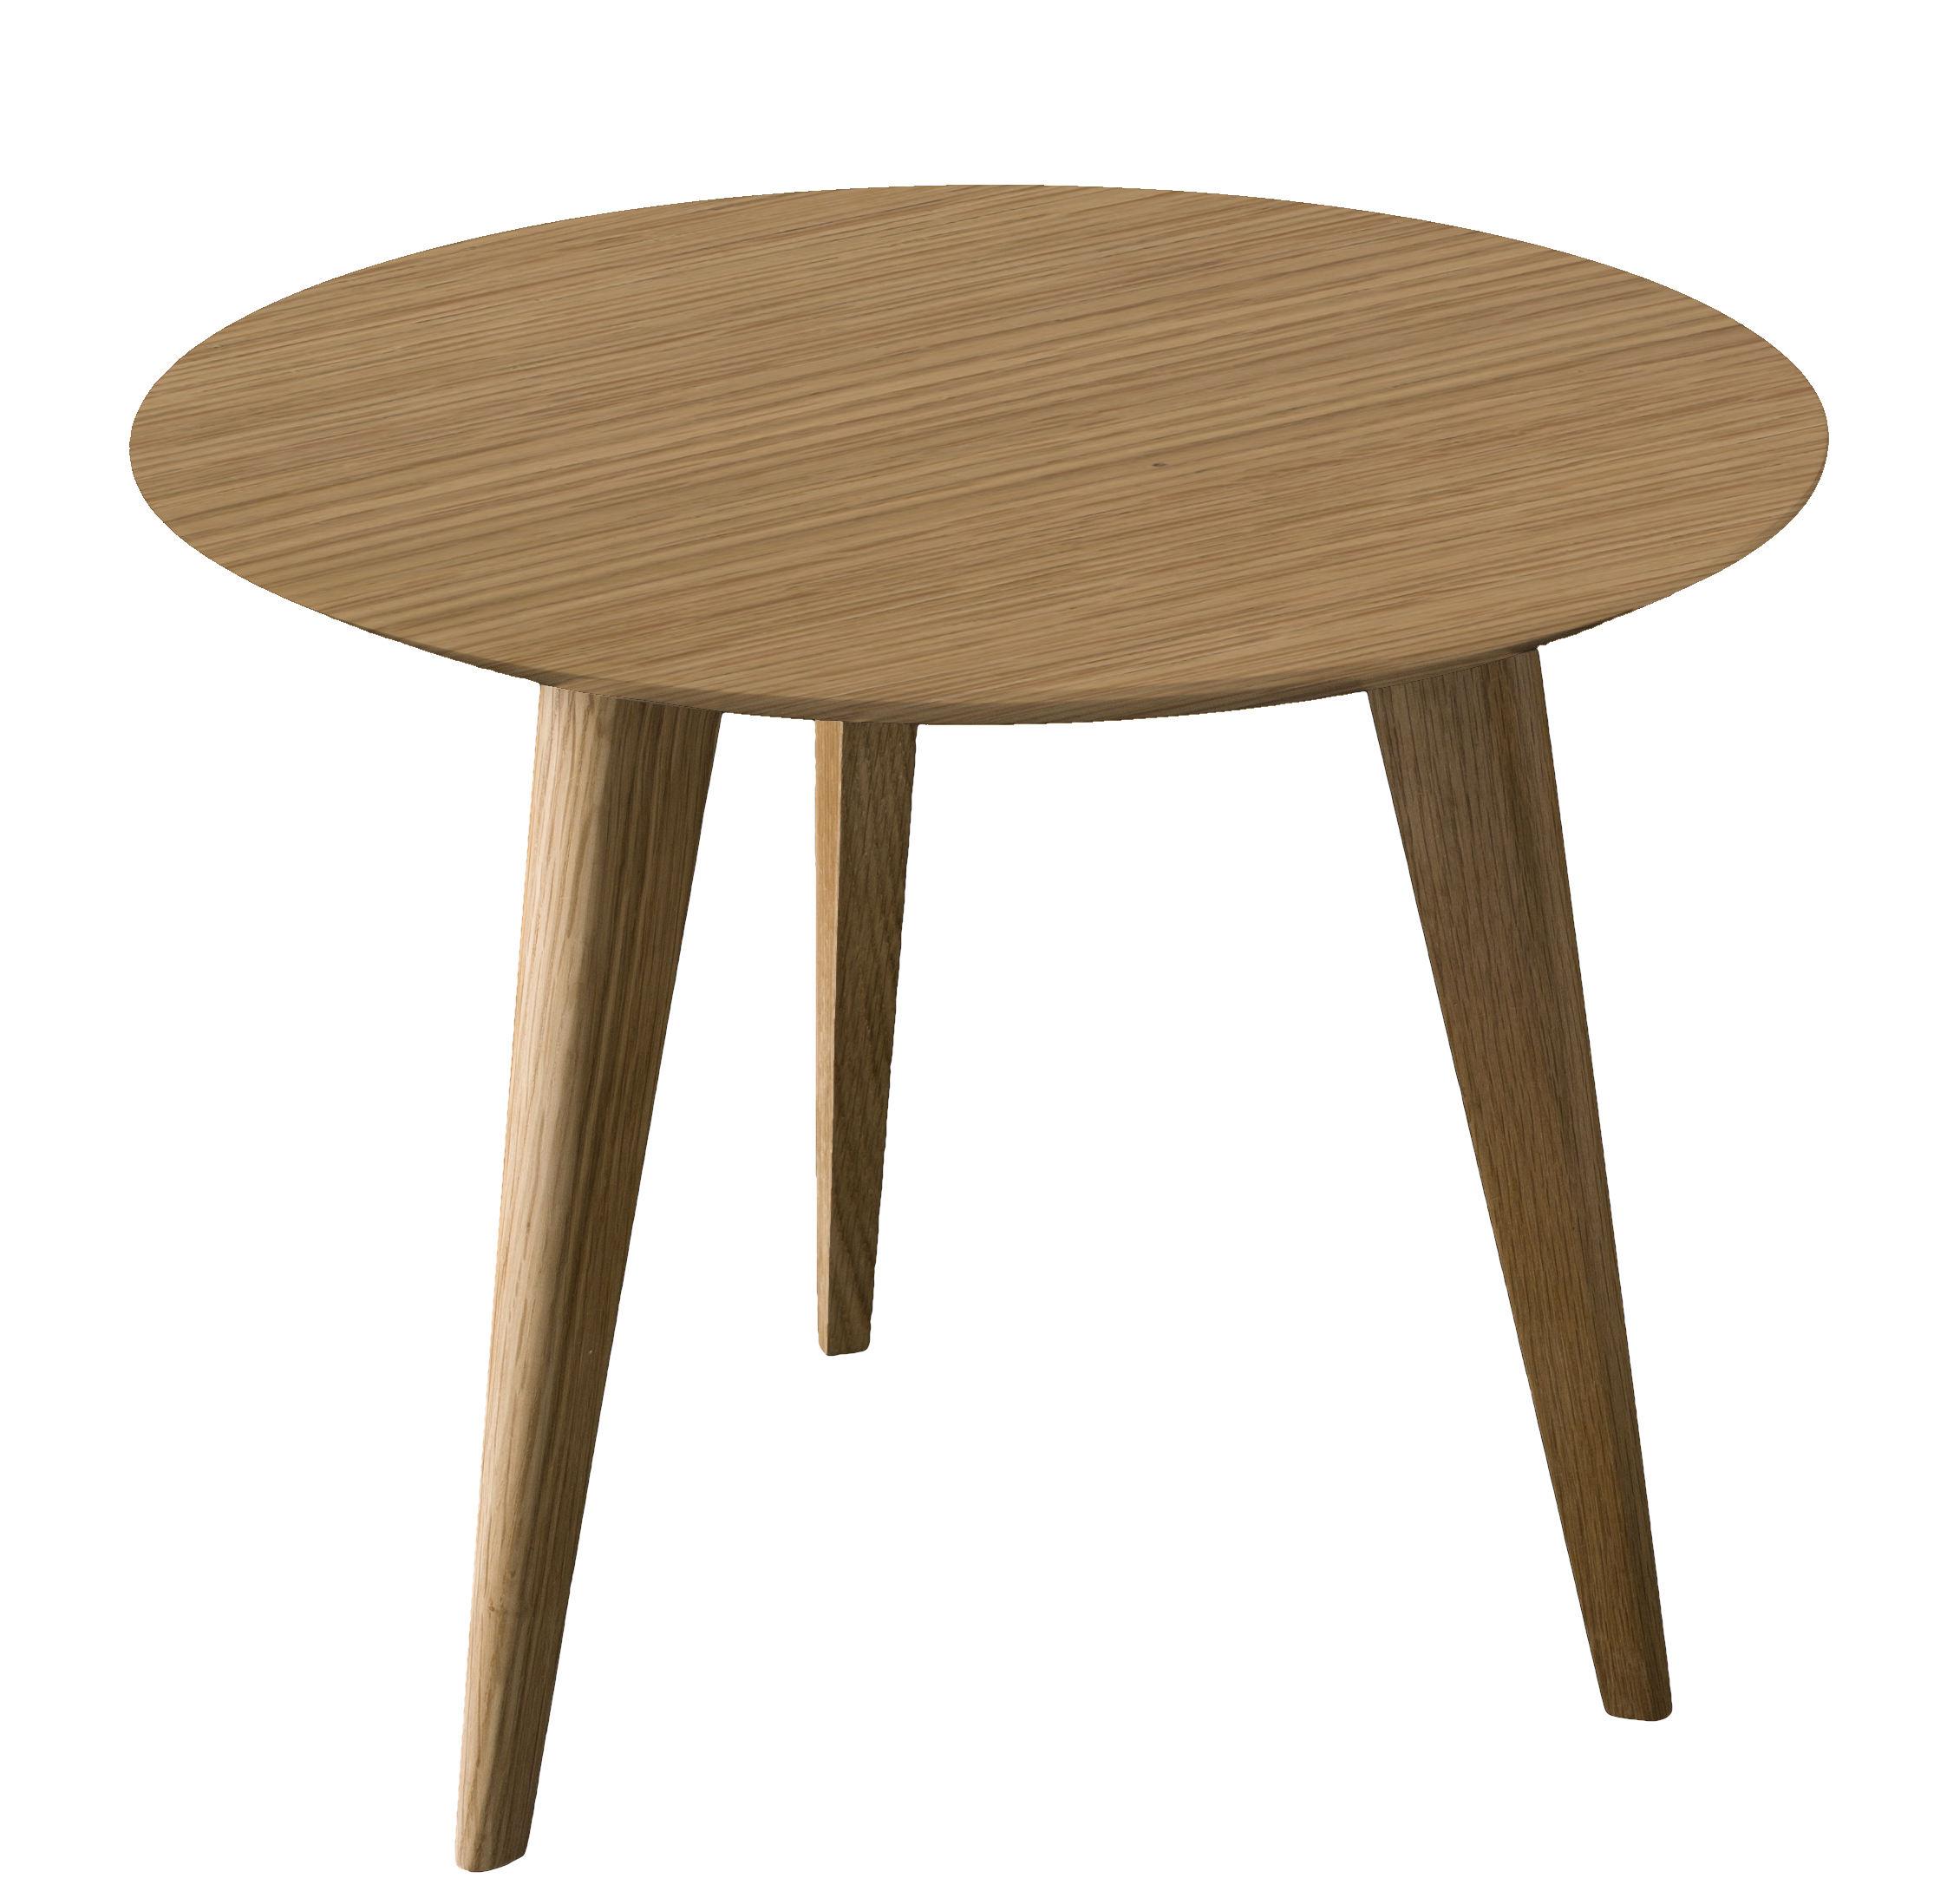 Arredamento - Tavolini  - Tavolino Lalinde Ronde - rotondo - Small Ø 45 cm / Gambe in legno di Sentou Edition - Rovere / Gambe legno - MDF, Rovere verniciato